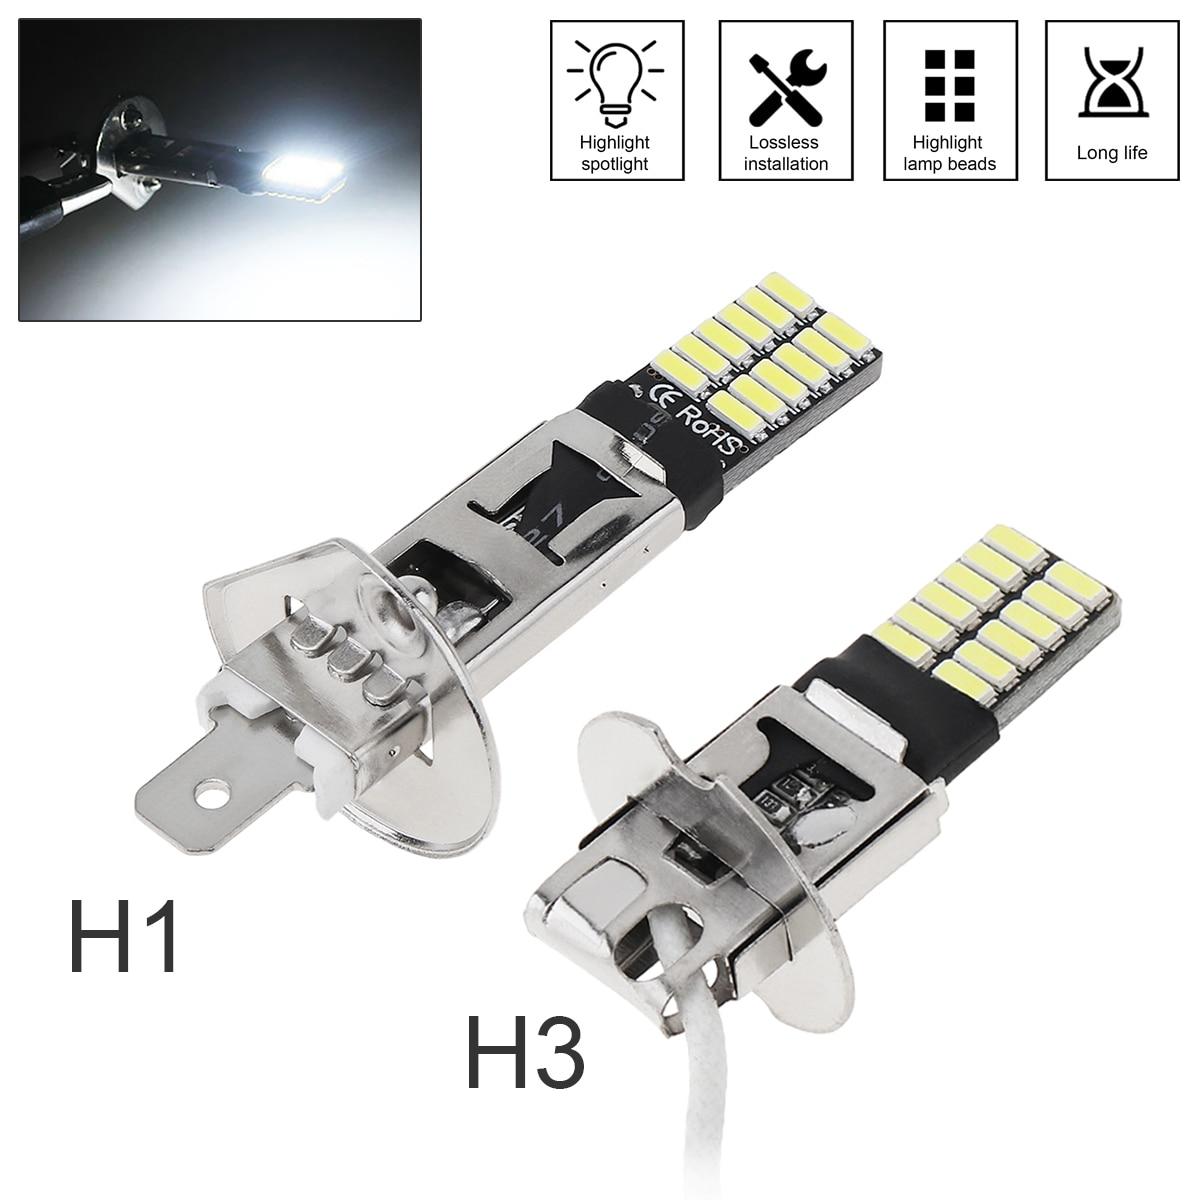 Универсальная супер ярсветодиодный СВЕТОДИОДНАЯ Лампа H1 H3 Canbus, противотумансветильник фасветильник для автомобиля, 4014 24SMD, 12 В, 6000K, хосвети...